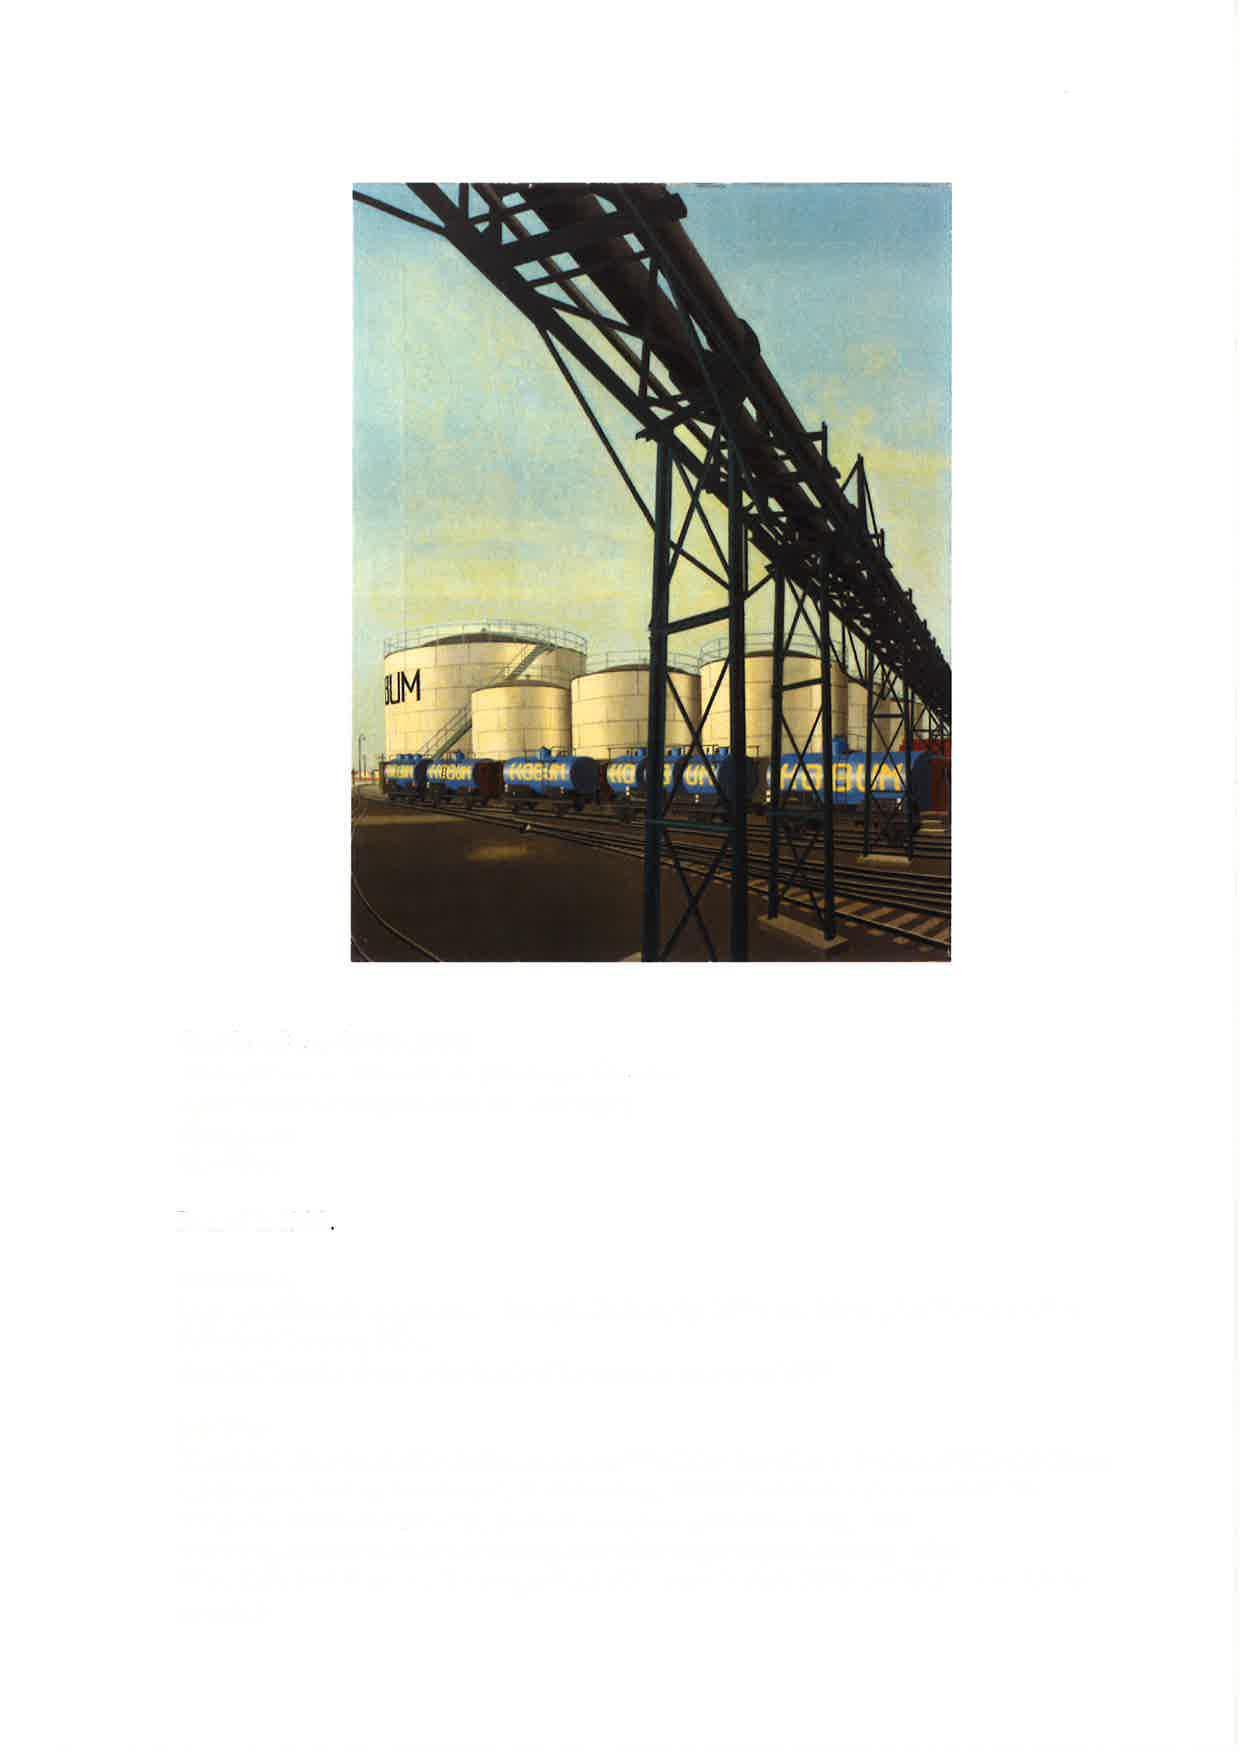 Weiße Röhren / Weiße Tanks (Harburger Ölwerke)